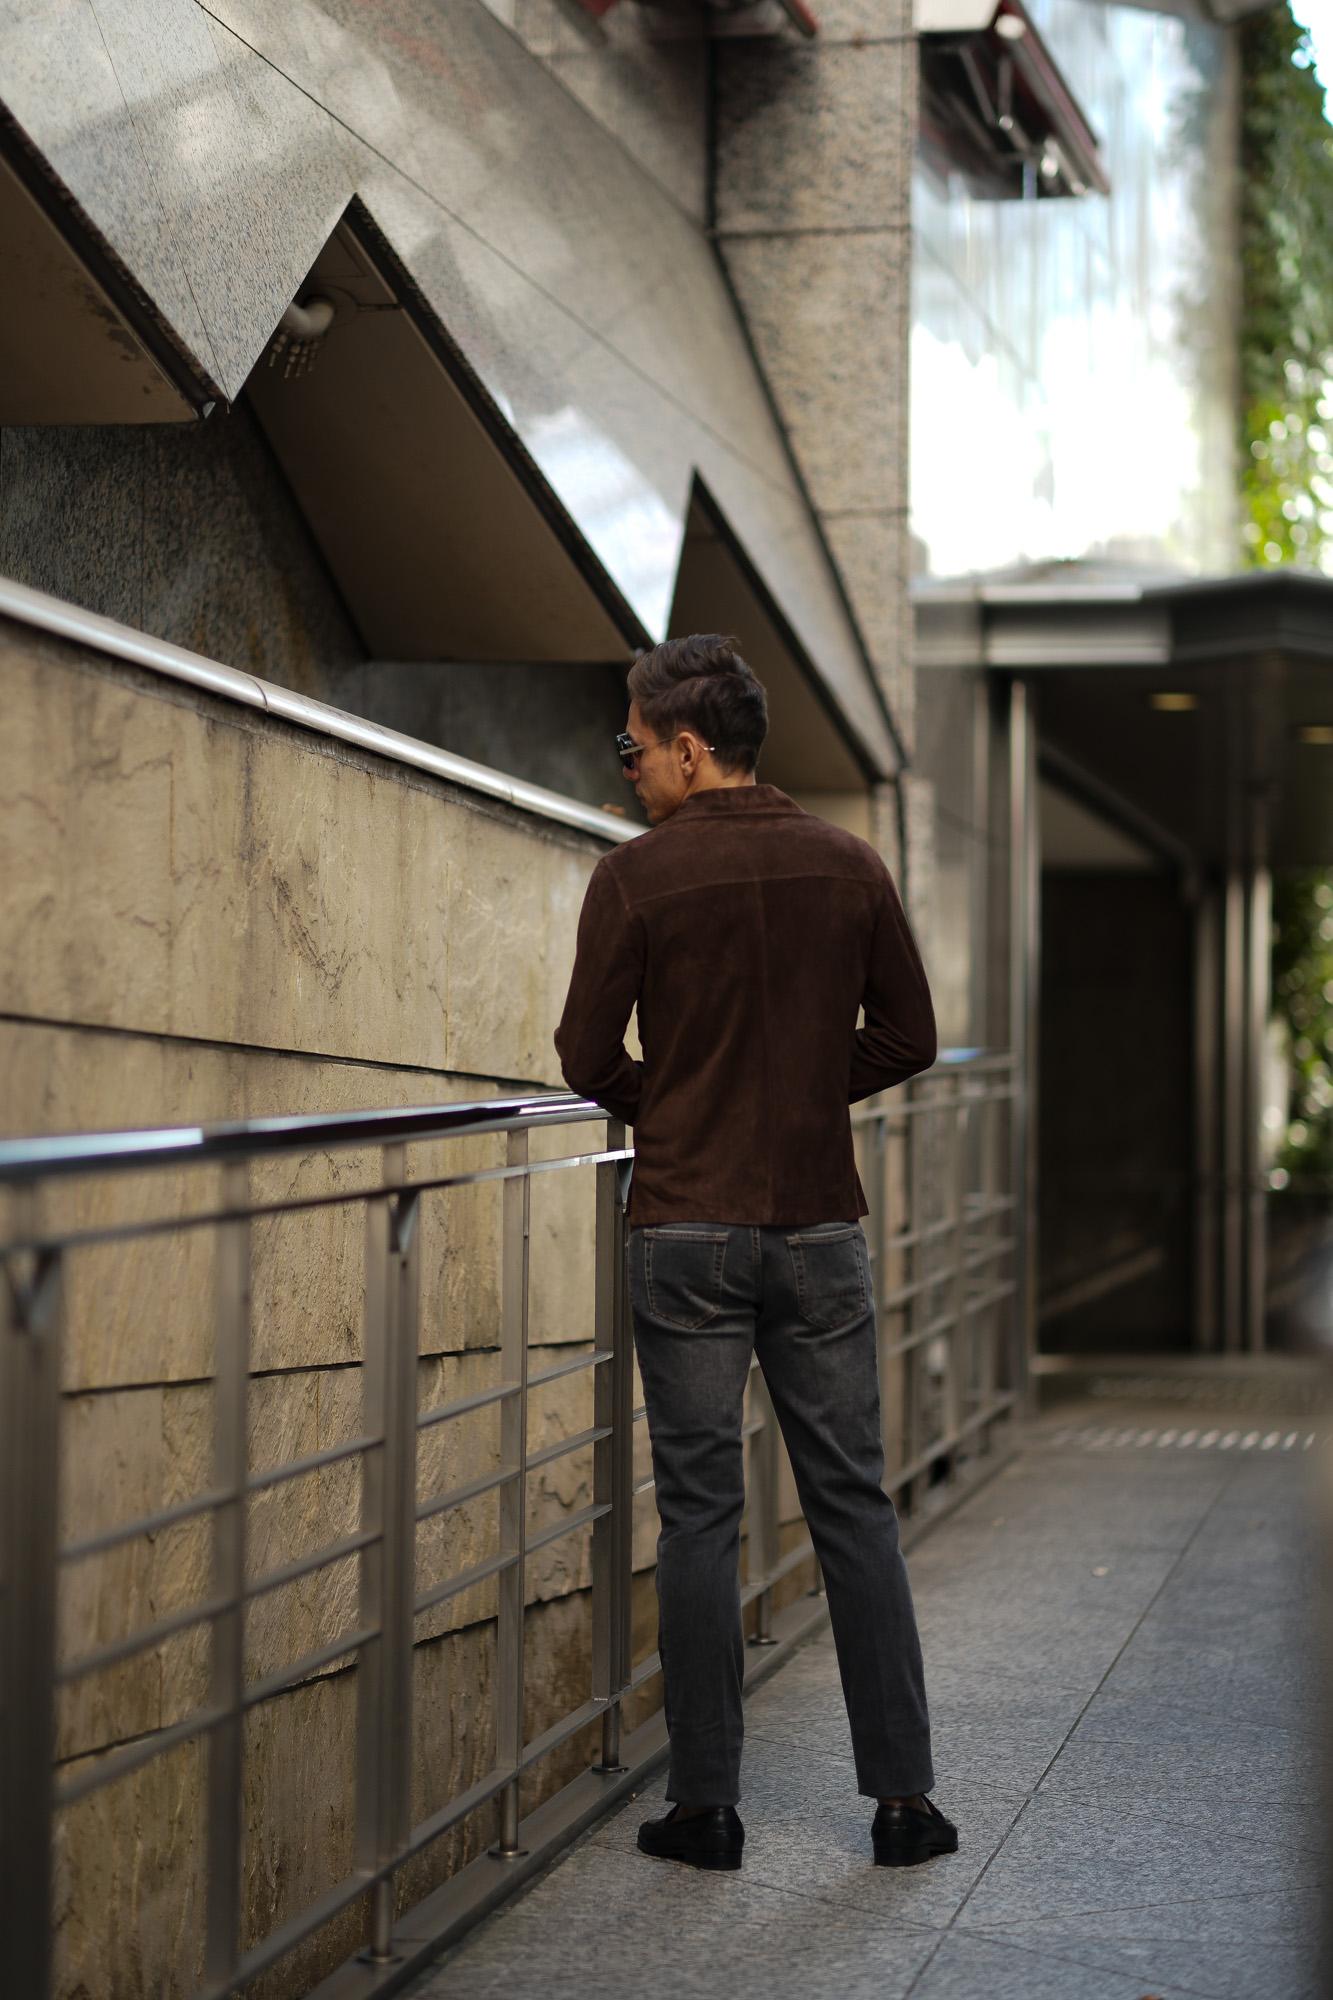 Alfredo Rifujio (アルフレード リフージオ) SS326 CAMOSCIO Summer Suede Leather Shirts サマースウェード レザーシャツ BROWN (ブラウン) made in italy (イタリア製) 2019 春夏 【ご予約受付中】 alfredorifujio アルフレードリフージオ 愛知 名古屋 Alto e Diritto アルト エ デリット alto e diritto アルトエデリット レザージャケット 素肌にレザー 42,44,46,48,50,52